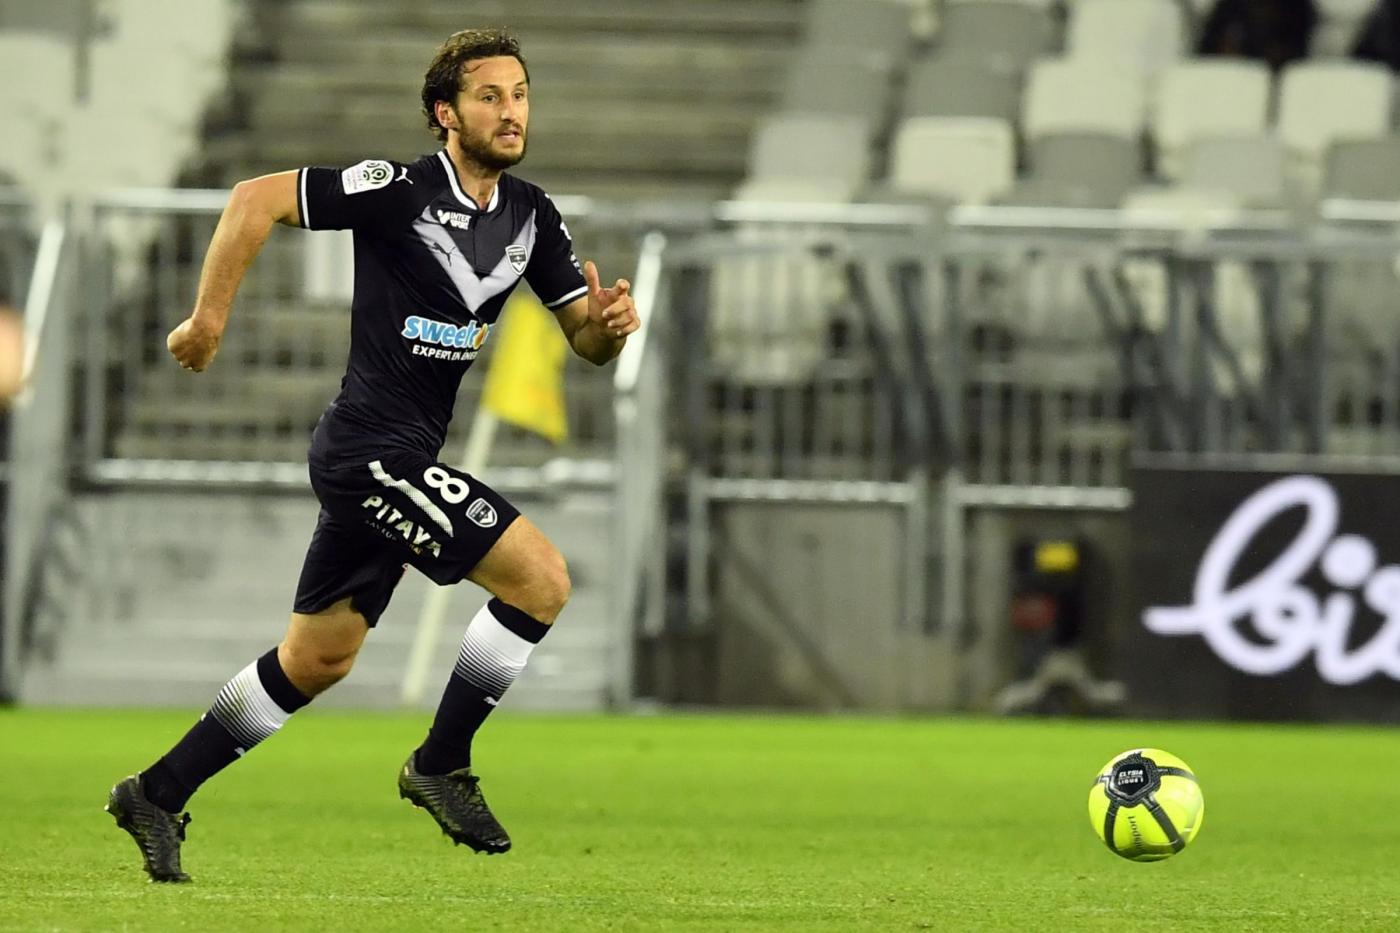 Bordeaux-Monaco 26 agosto